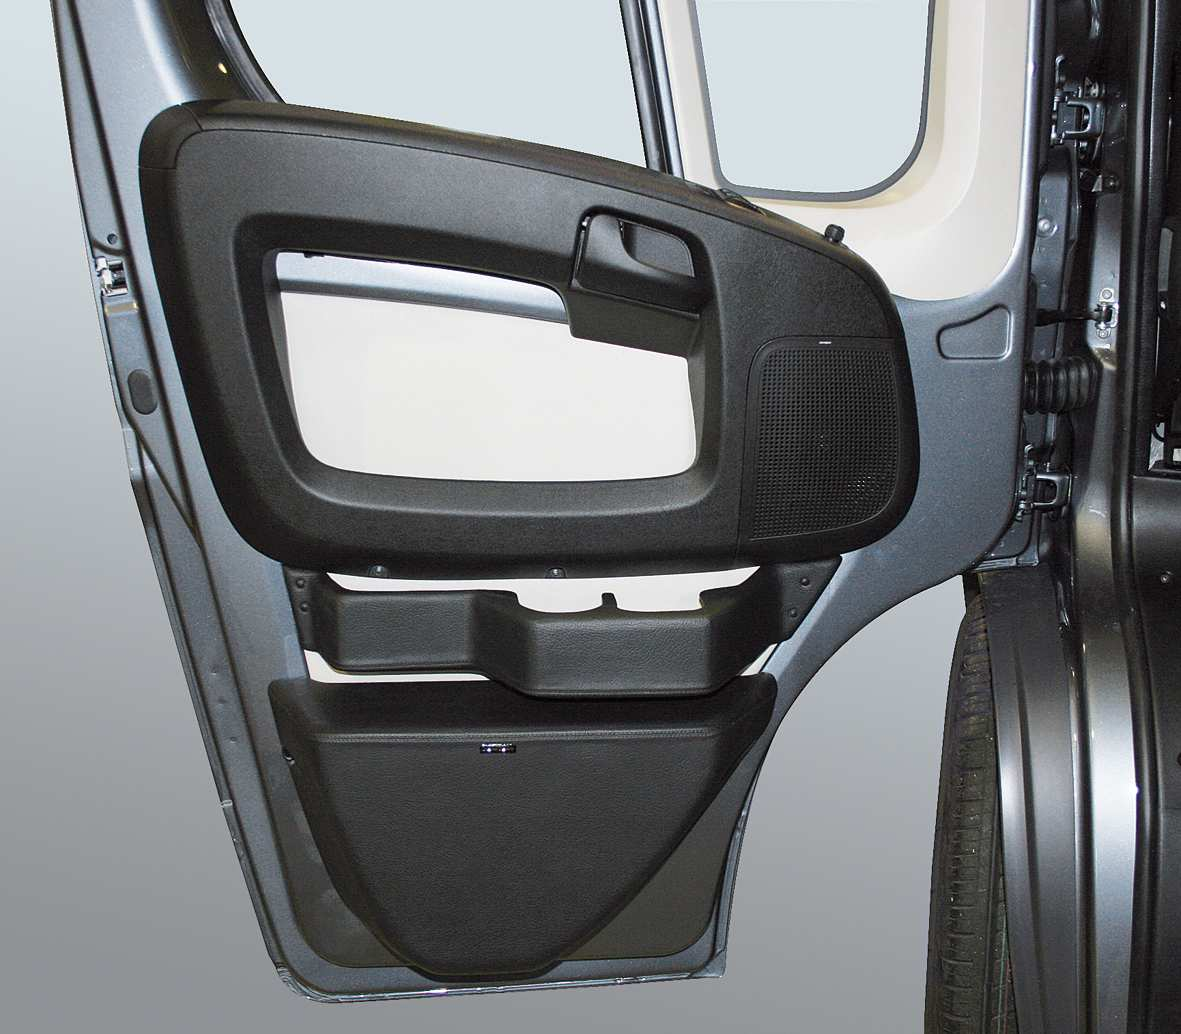 fiat ducato lll subwoofer system driver s side. Black Bedroom Furniture Sets. Home Design Ideas